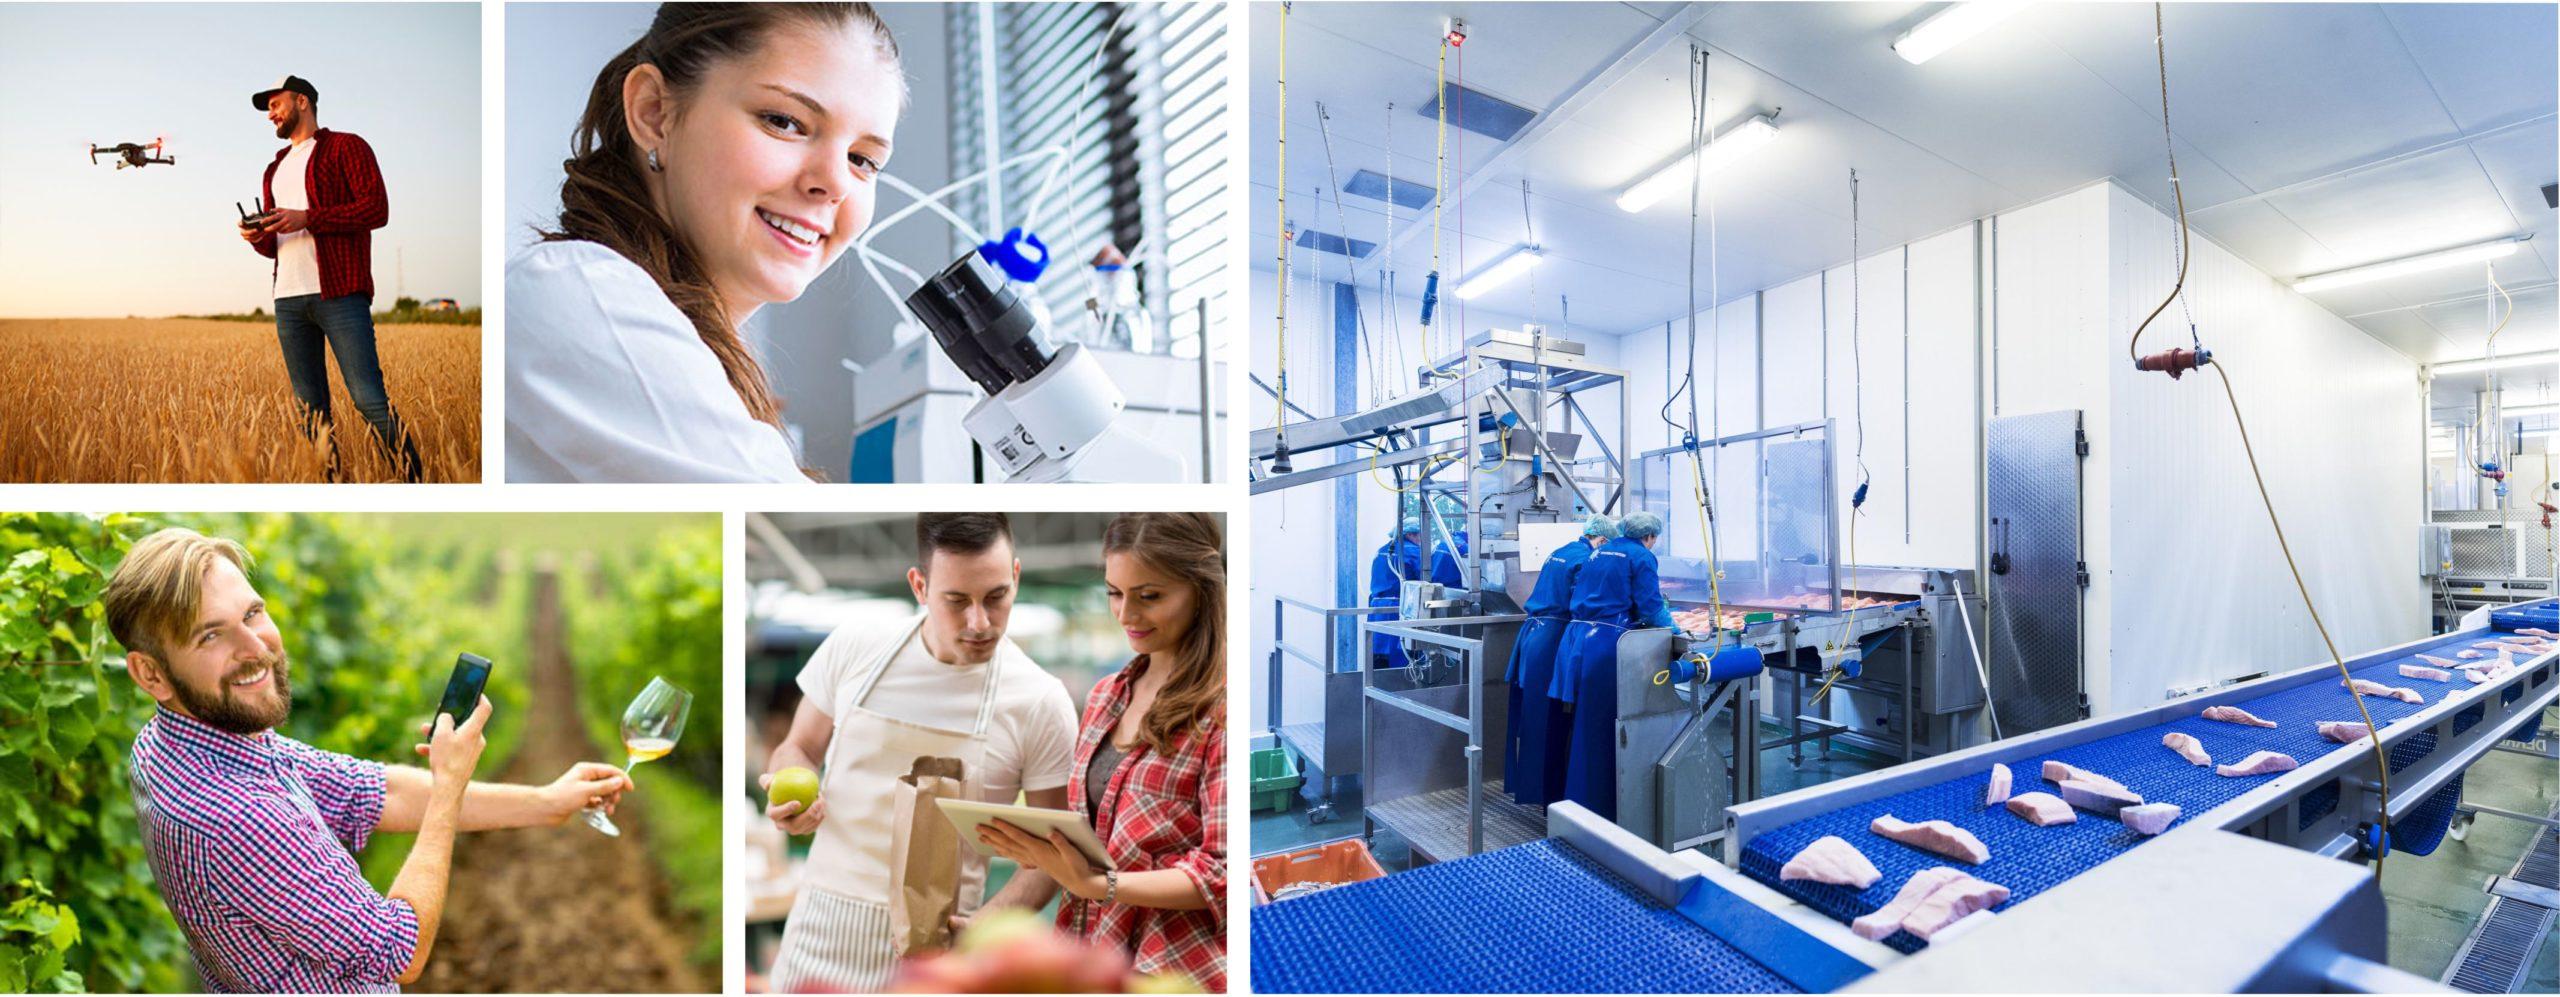 Tecnico superiore responsabile della produzione e delle trasformazioni agrarie – agro alimentare e agro-industriale